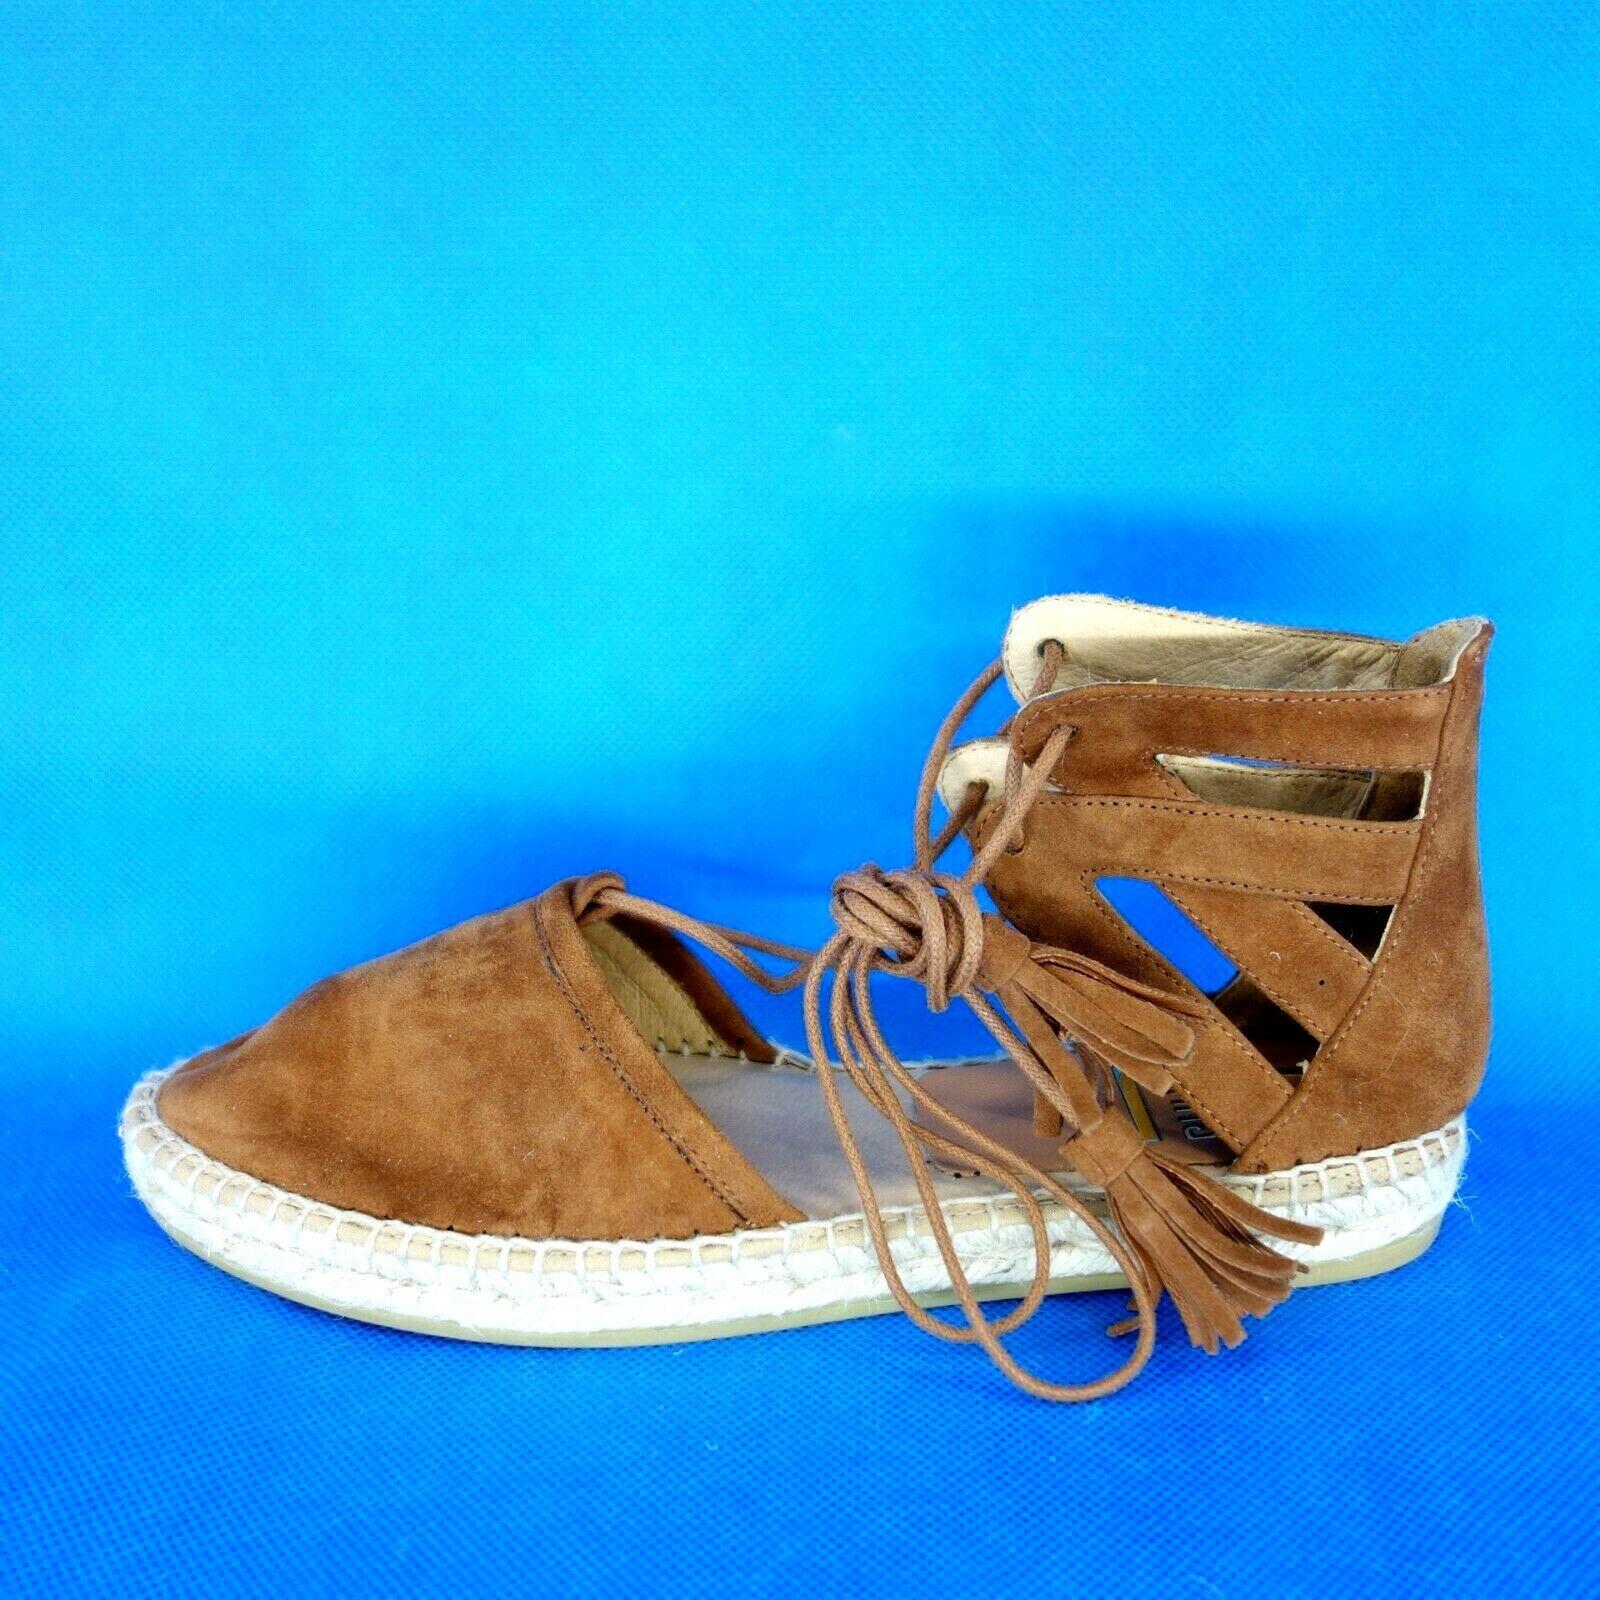 Kanna Women's Summer shoes Sandals Espardilles KV7003 Size 37 40 Leather Np 120